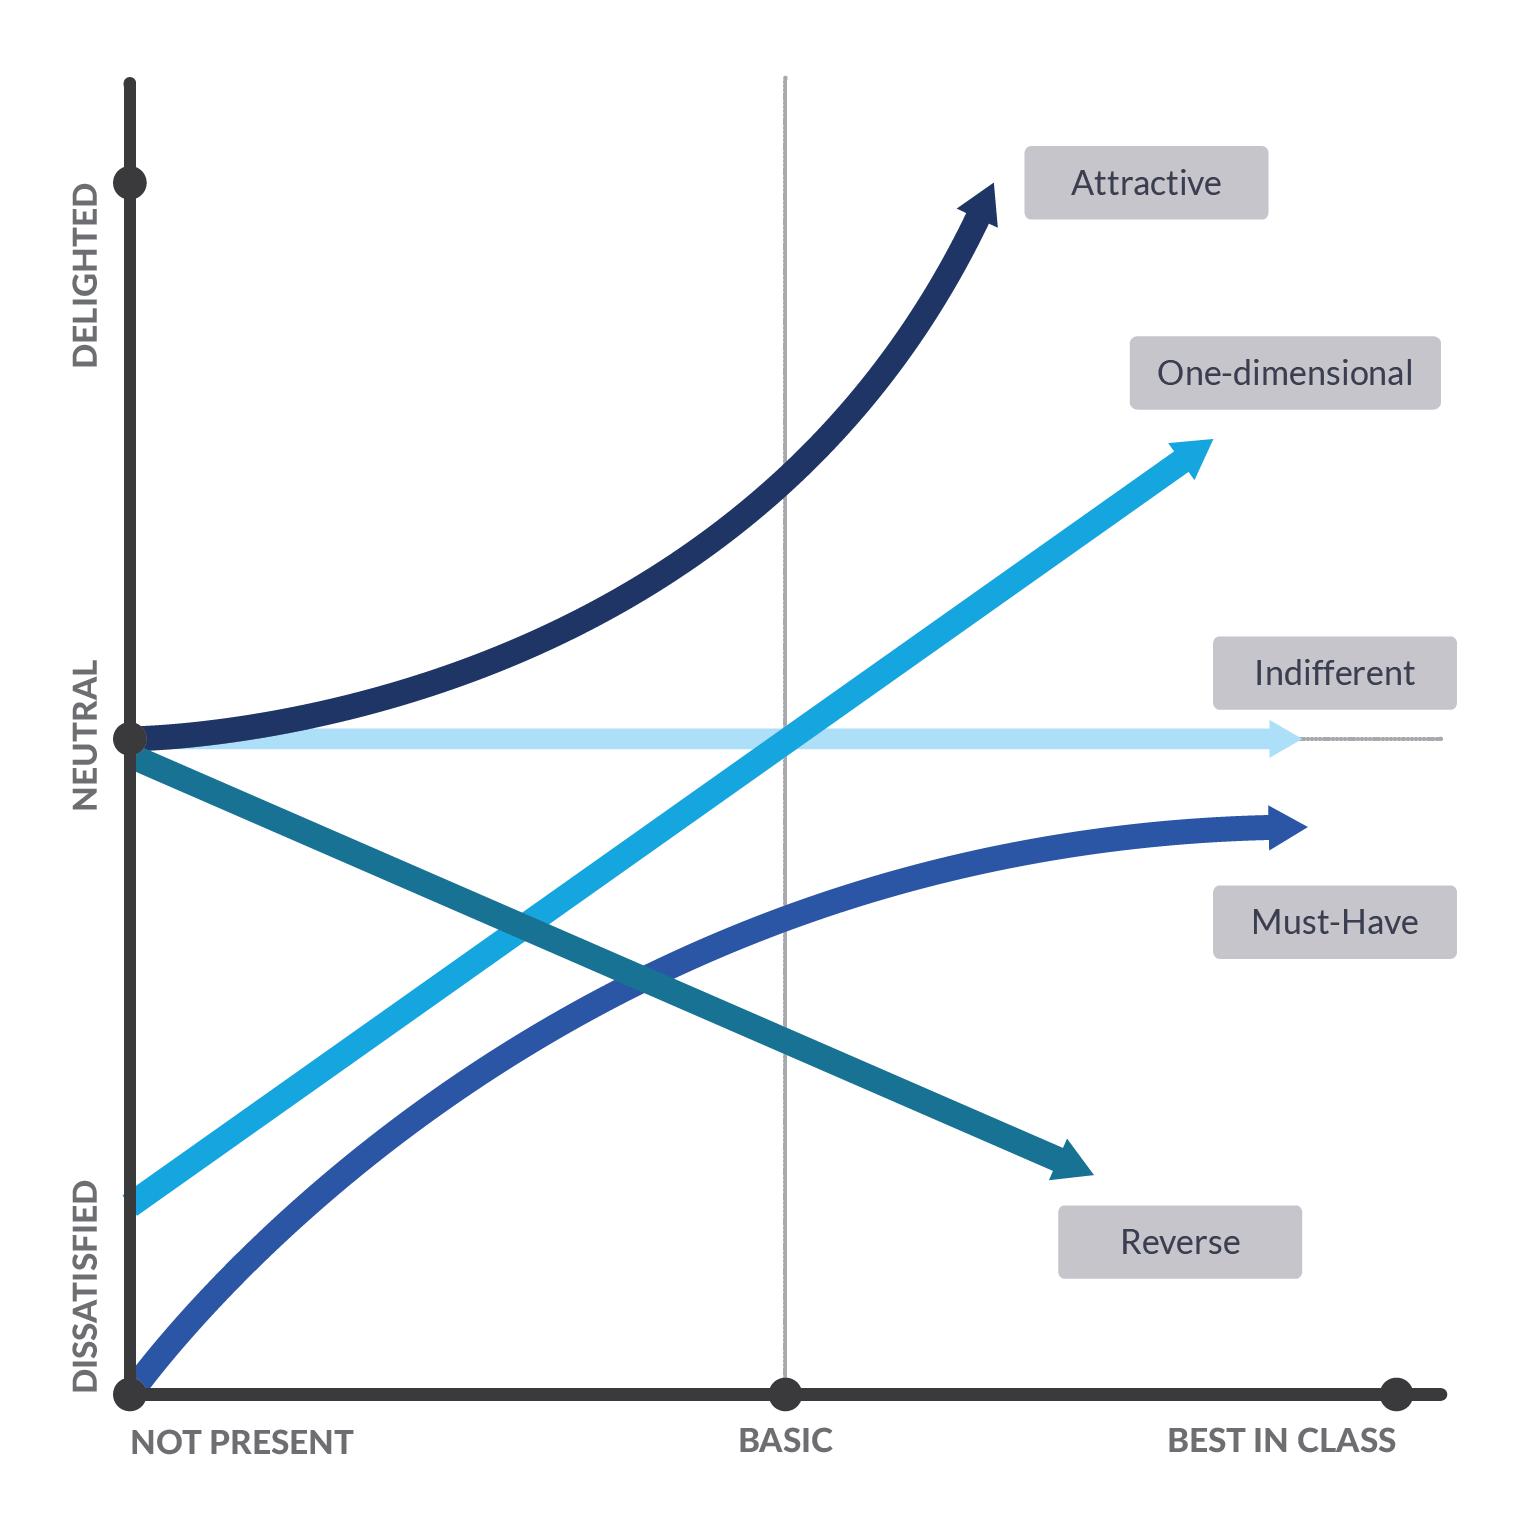 Kano Model Graph